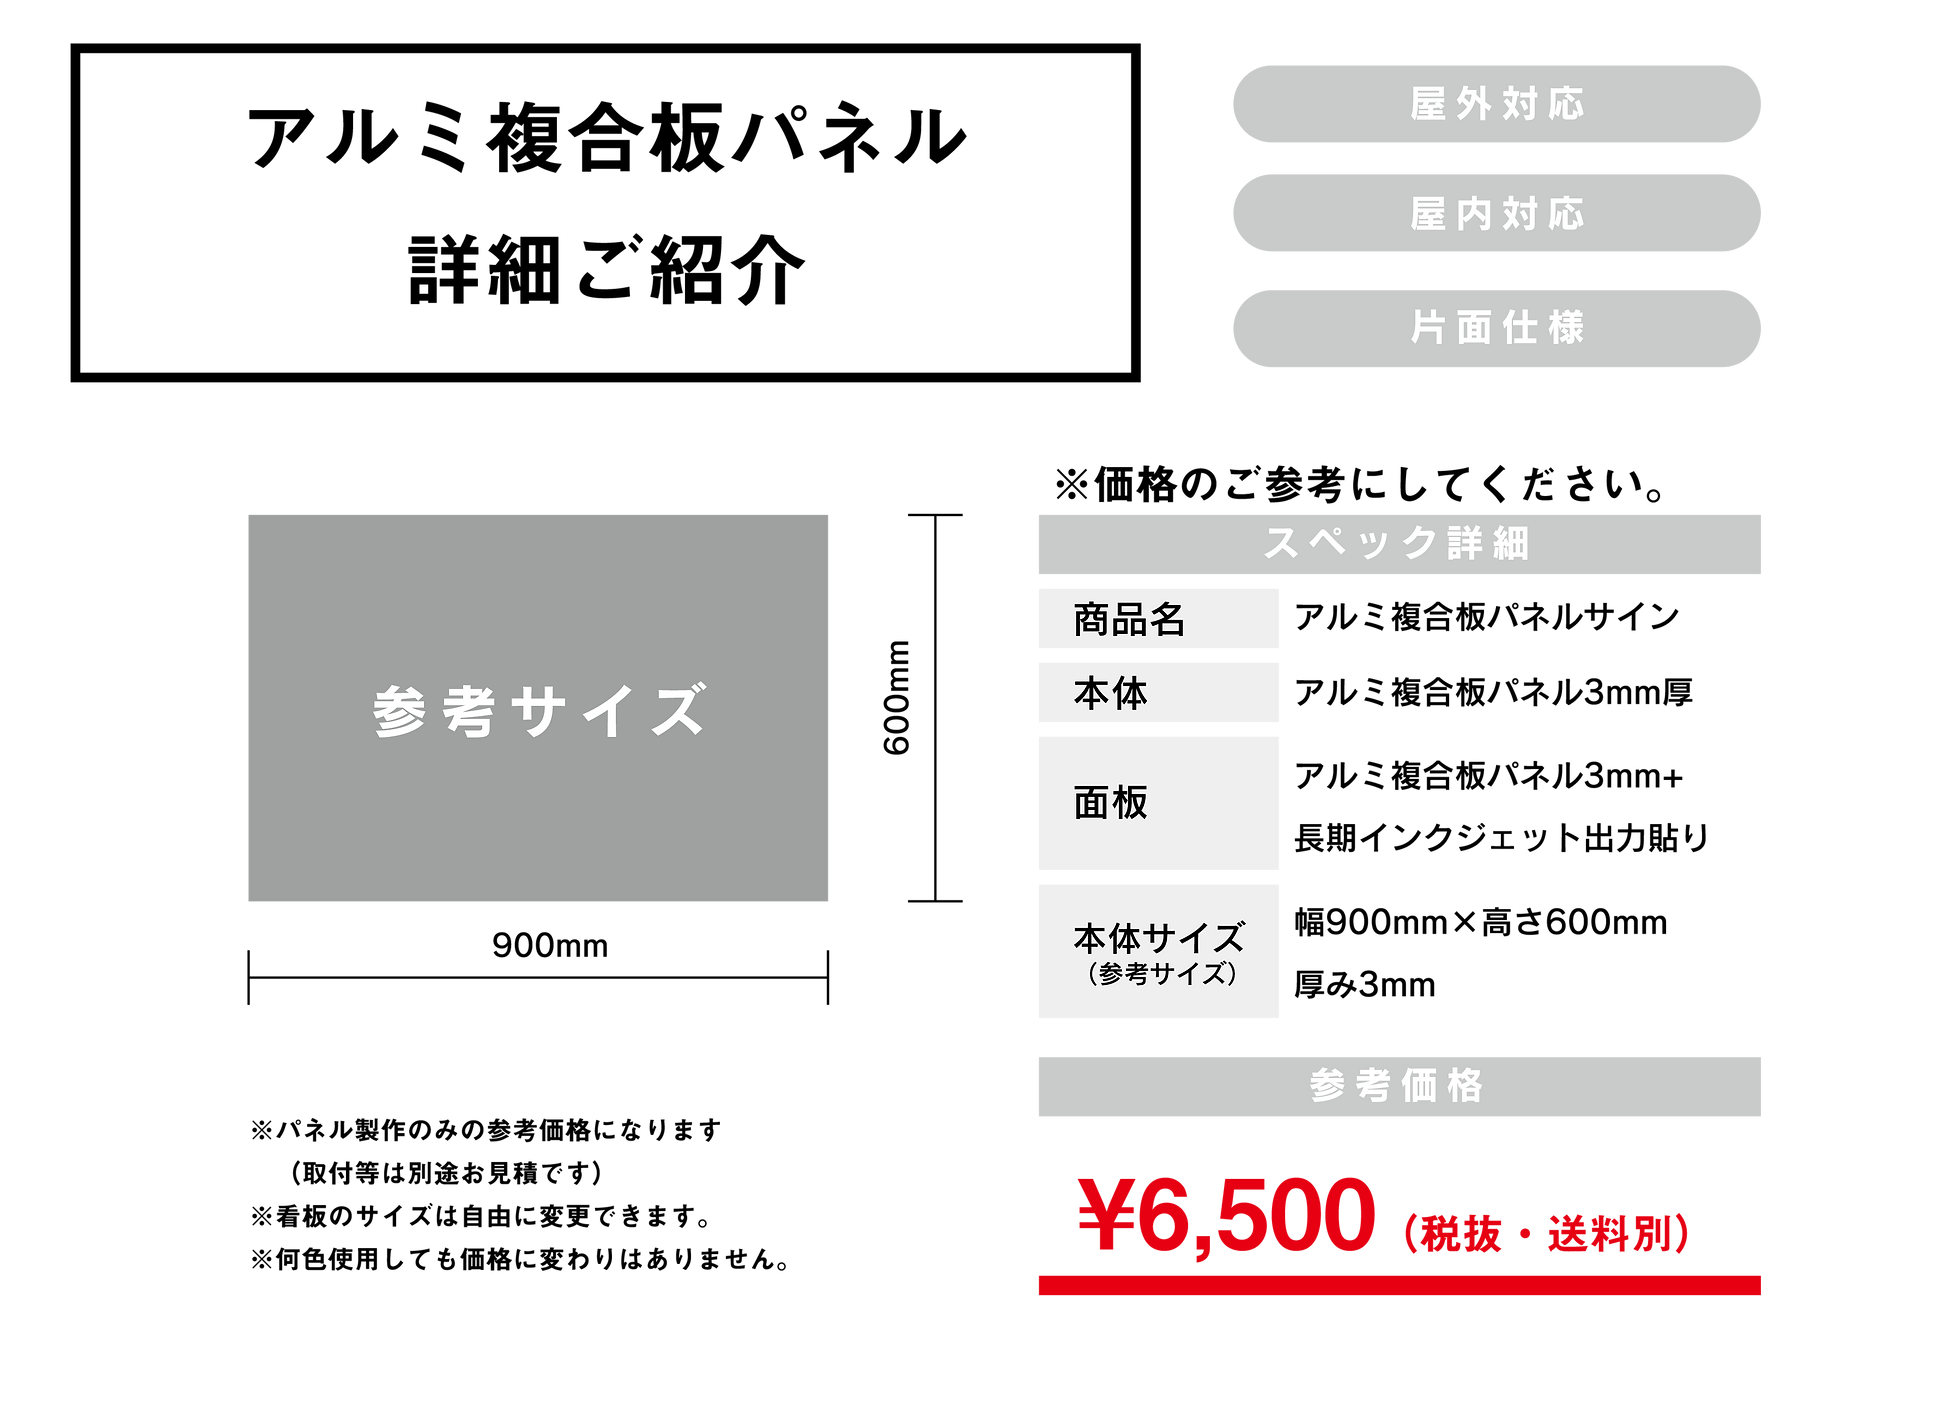 パネル参考価格-03.png